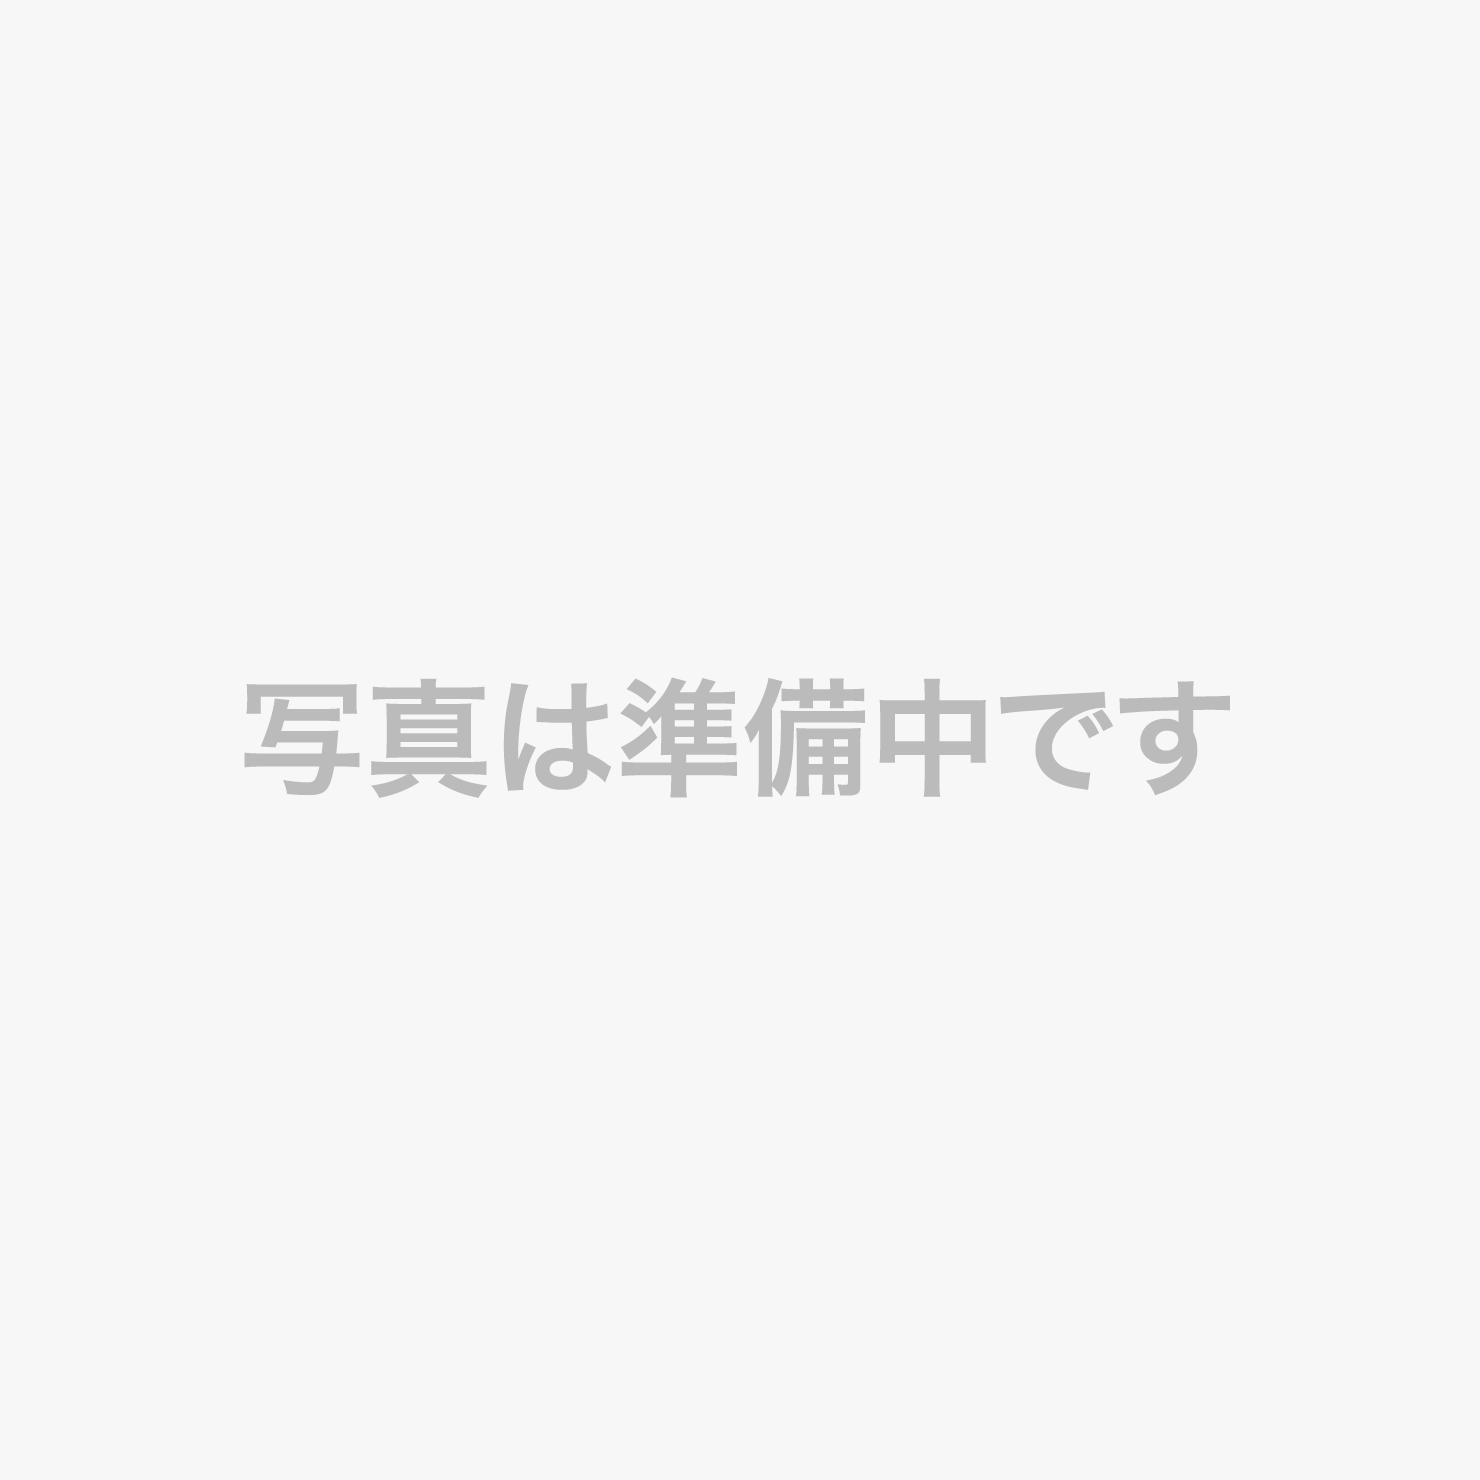 厳選された本場の神戸ビーフをはじめとする、鉄板焼の醍醐味をお届けいたします。